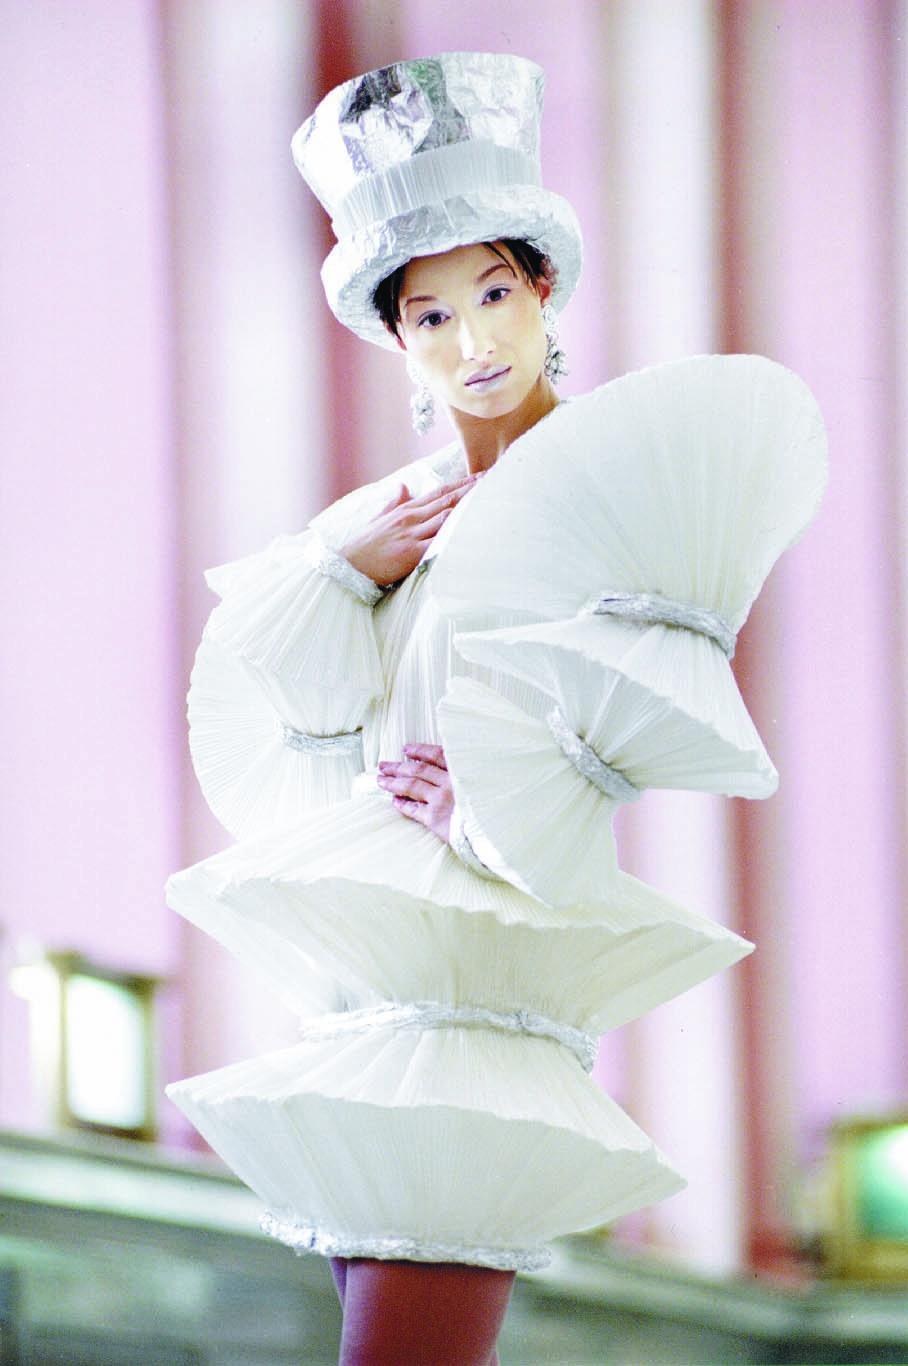 Costume Paper Coat.jpg